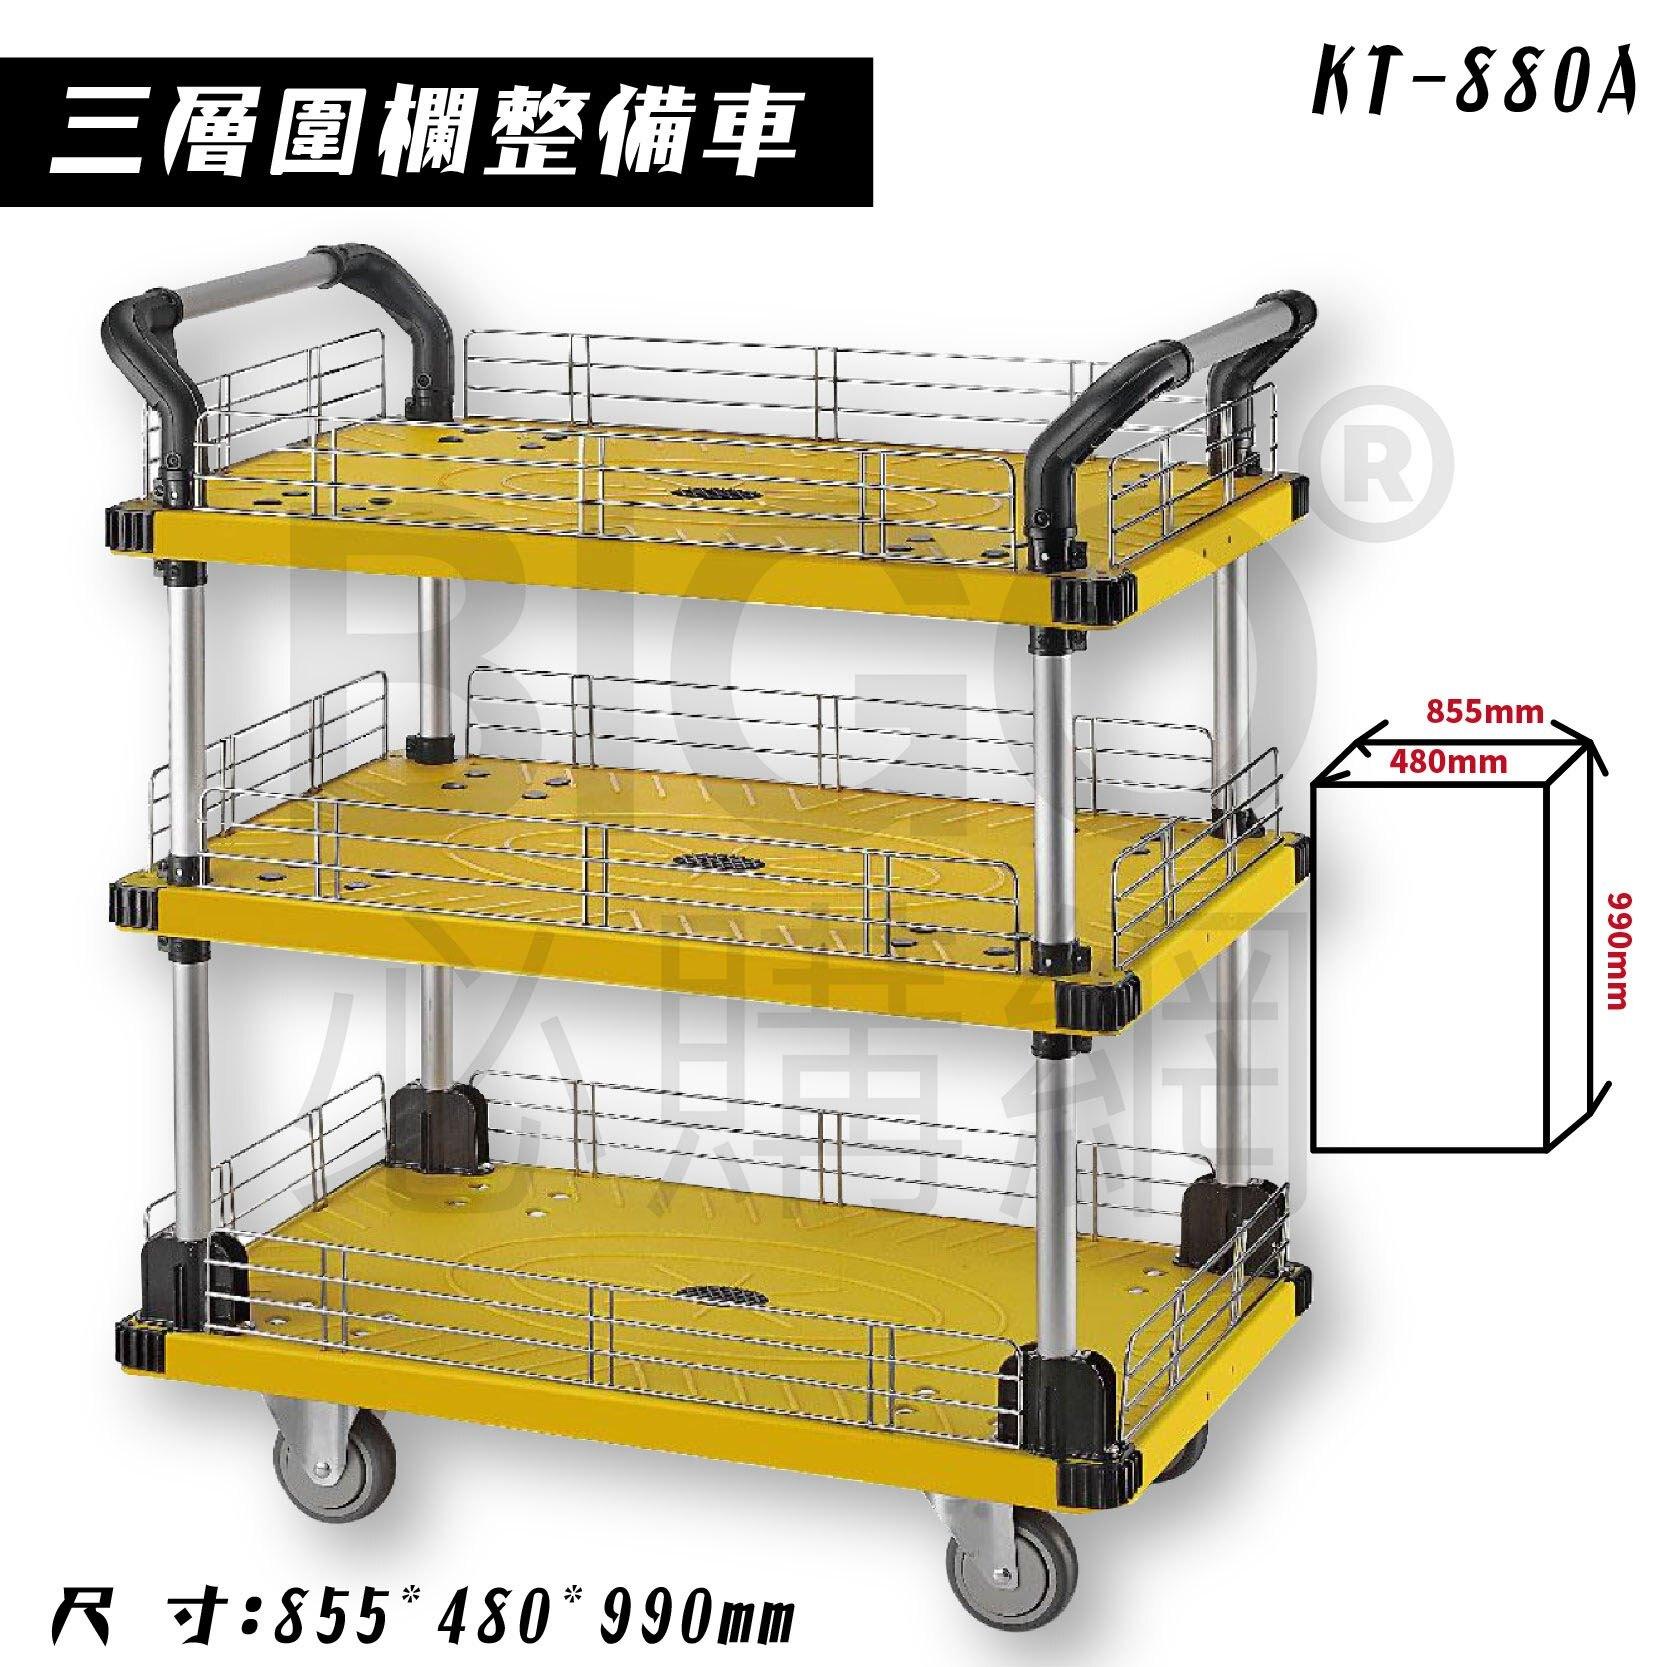 台灣製造➤三層圍欄整備車(黃)【雙把手】KT-880A 推車 手推車 工作車 置物車 餐車 清潔車 房務車 置物架